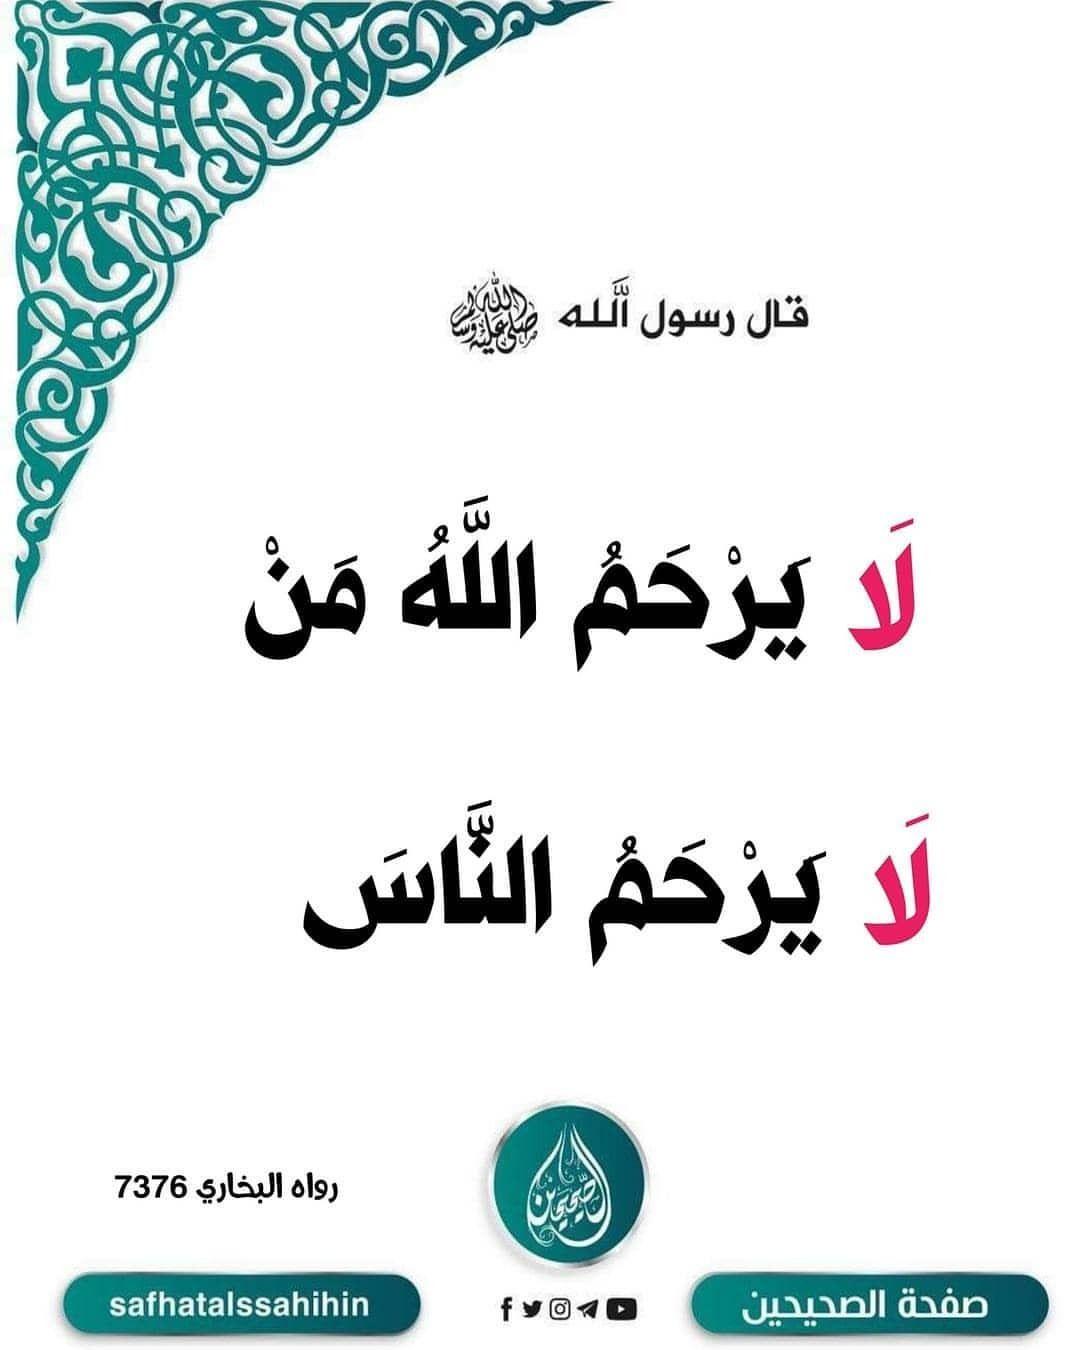 صفحة المسلم لنشر العلم النافع Islamic Quotes Islamic Phrases Words Quotes